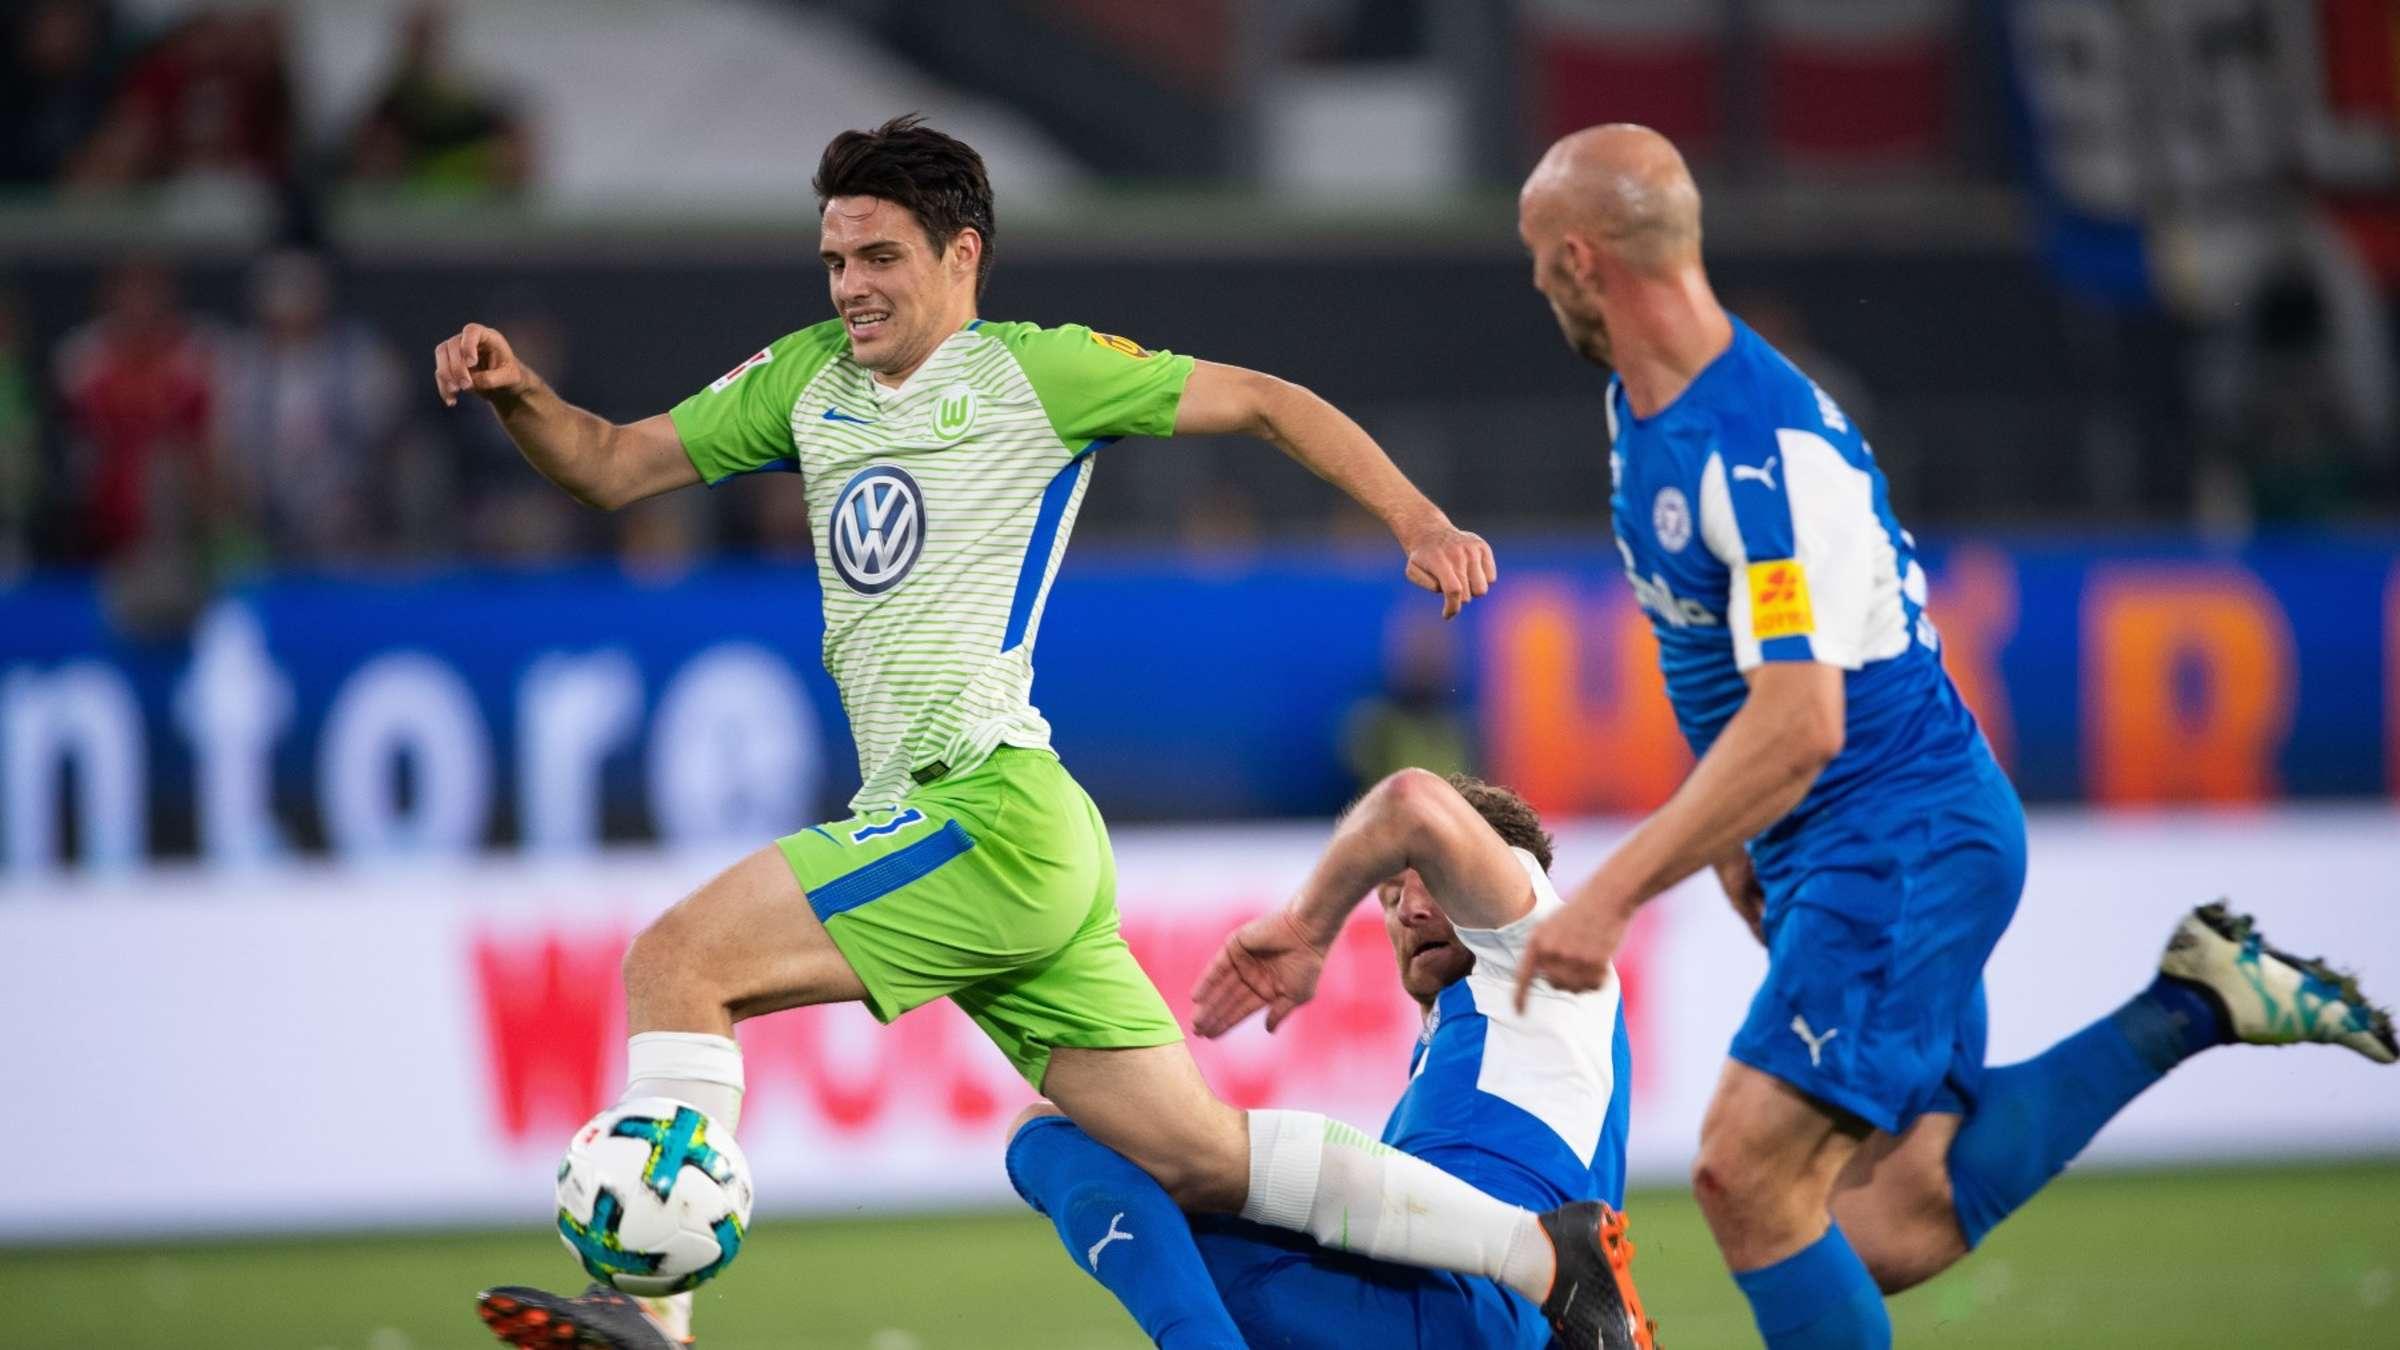 Wie Hat Mönchengladbach Gespielt